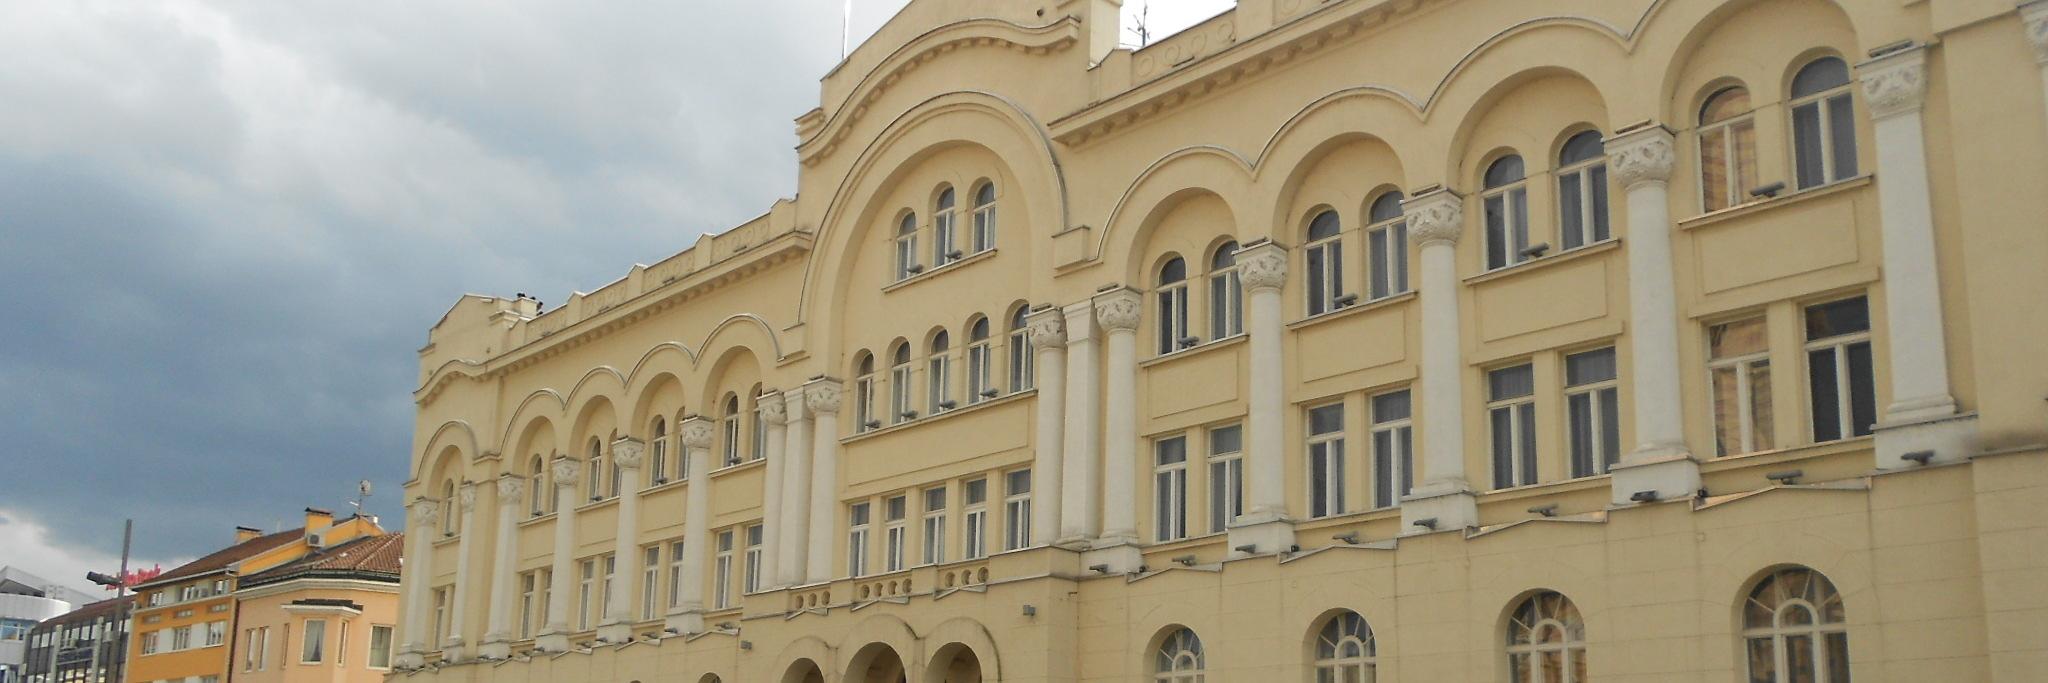 Градска палата